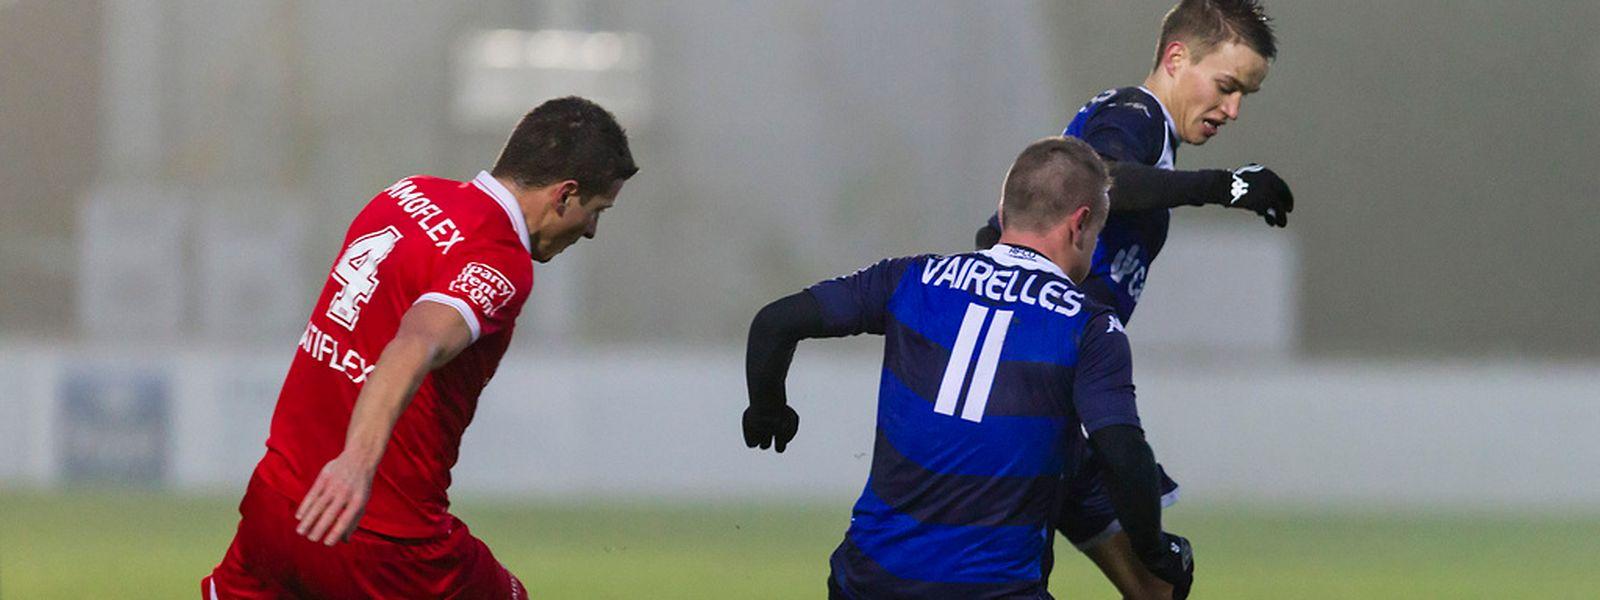 Nicola  Schreiner, ballon au pied, compte sur l'efficacité de Giovan Vairelles  pour franchir ce dernier tour de coupe de l'année.